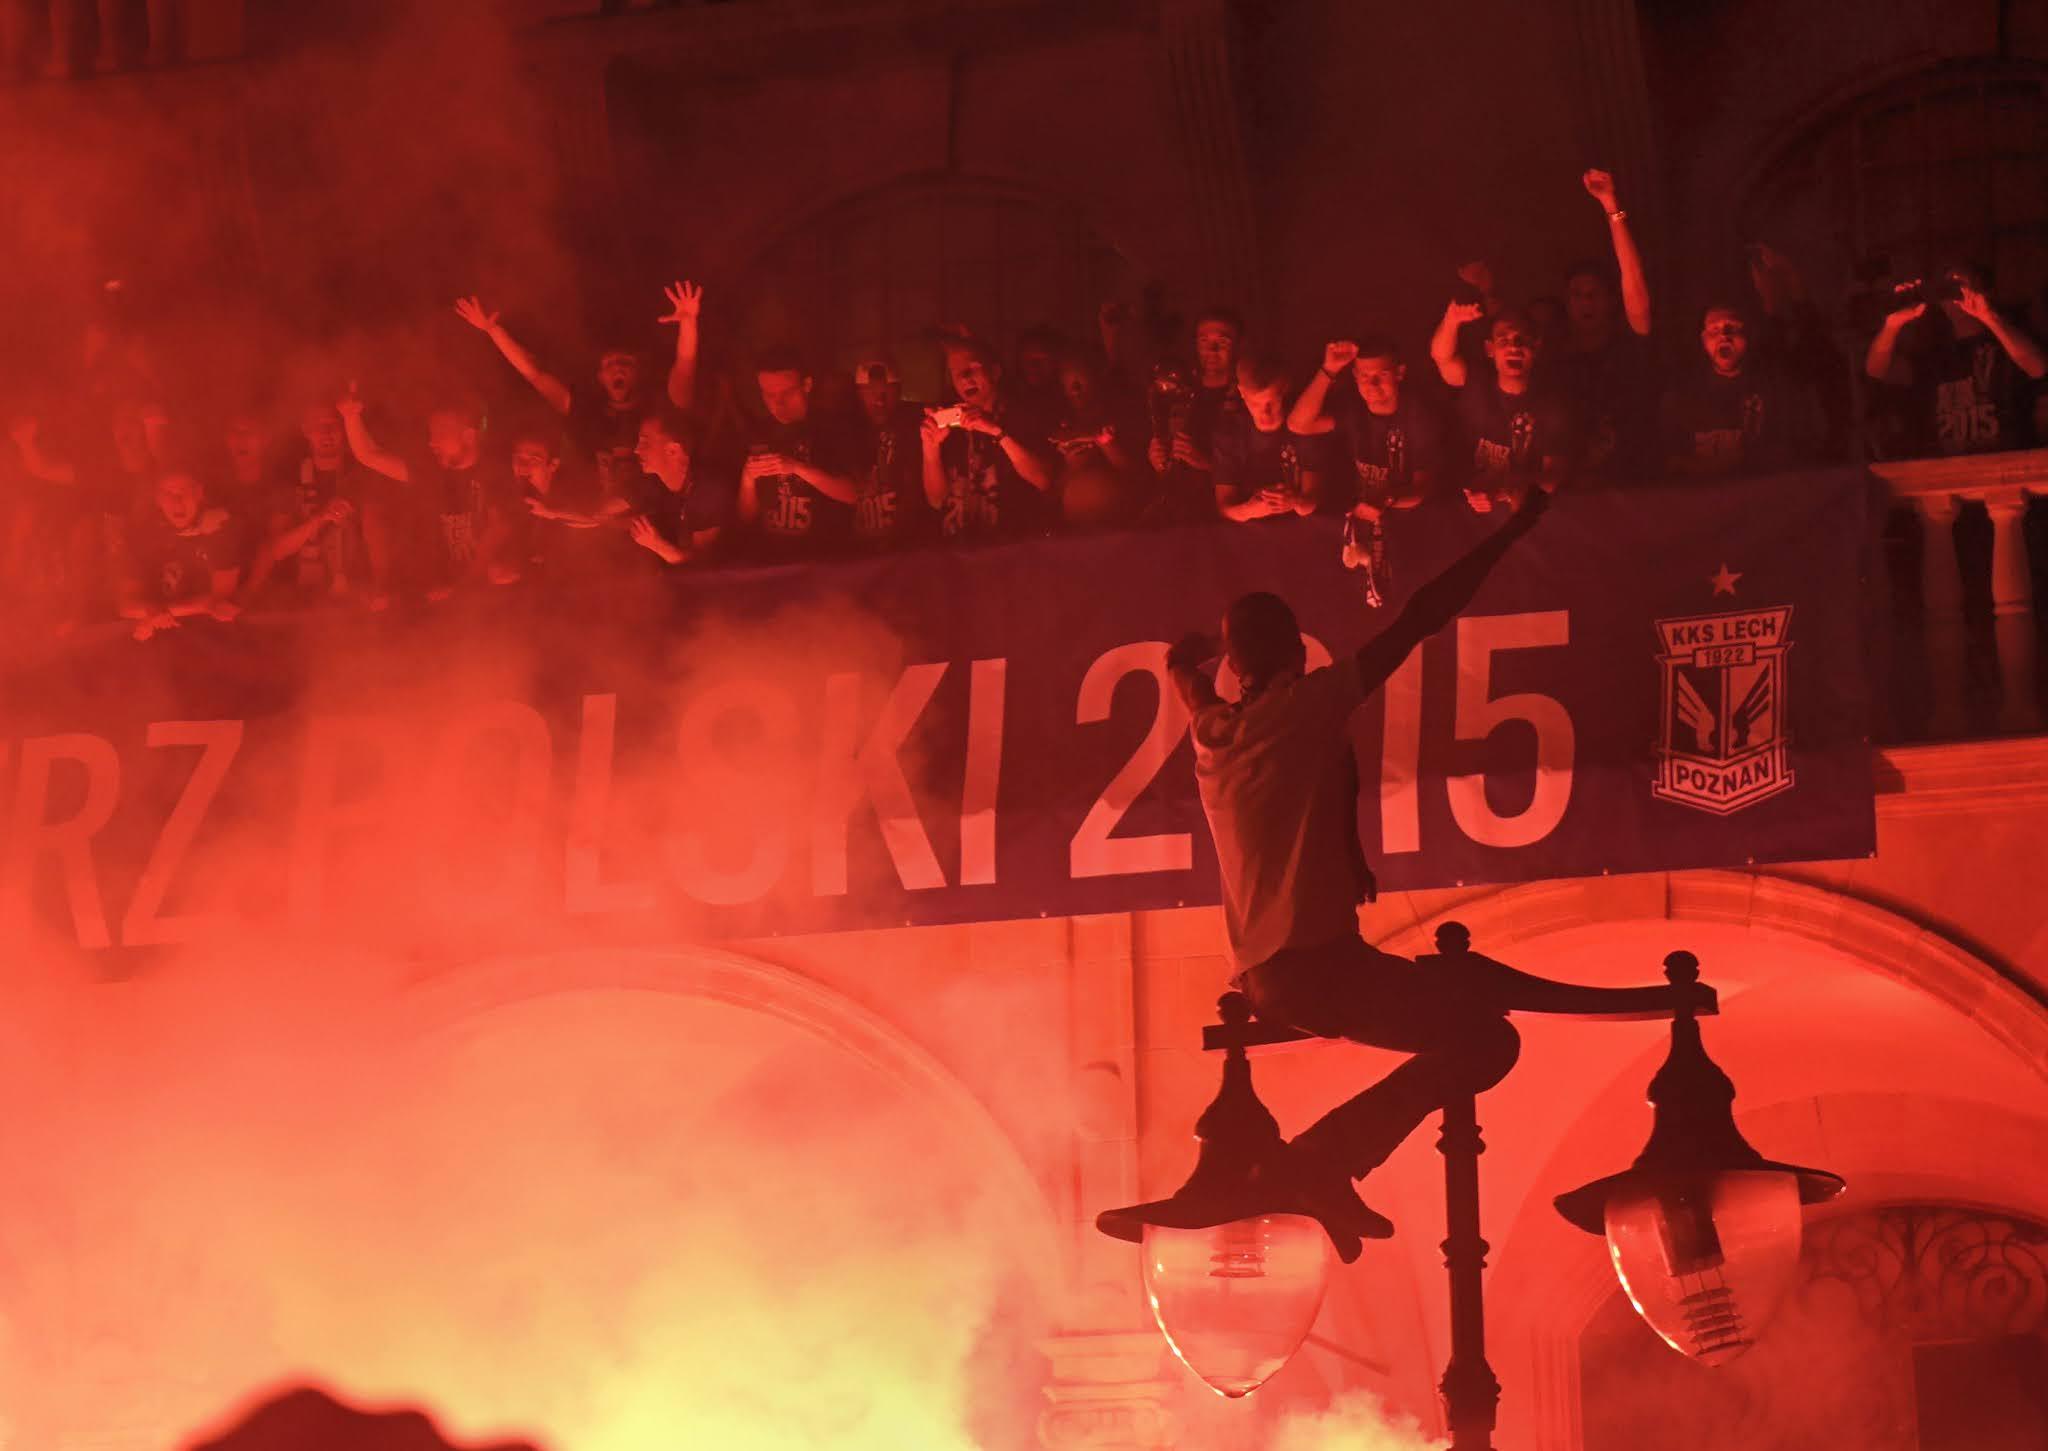 Mistrzostwo Polski 2015 | foto: Wikimedia / Klapi